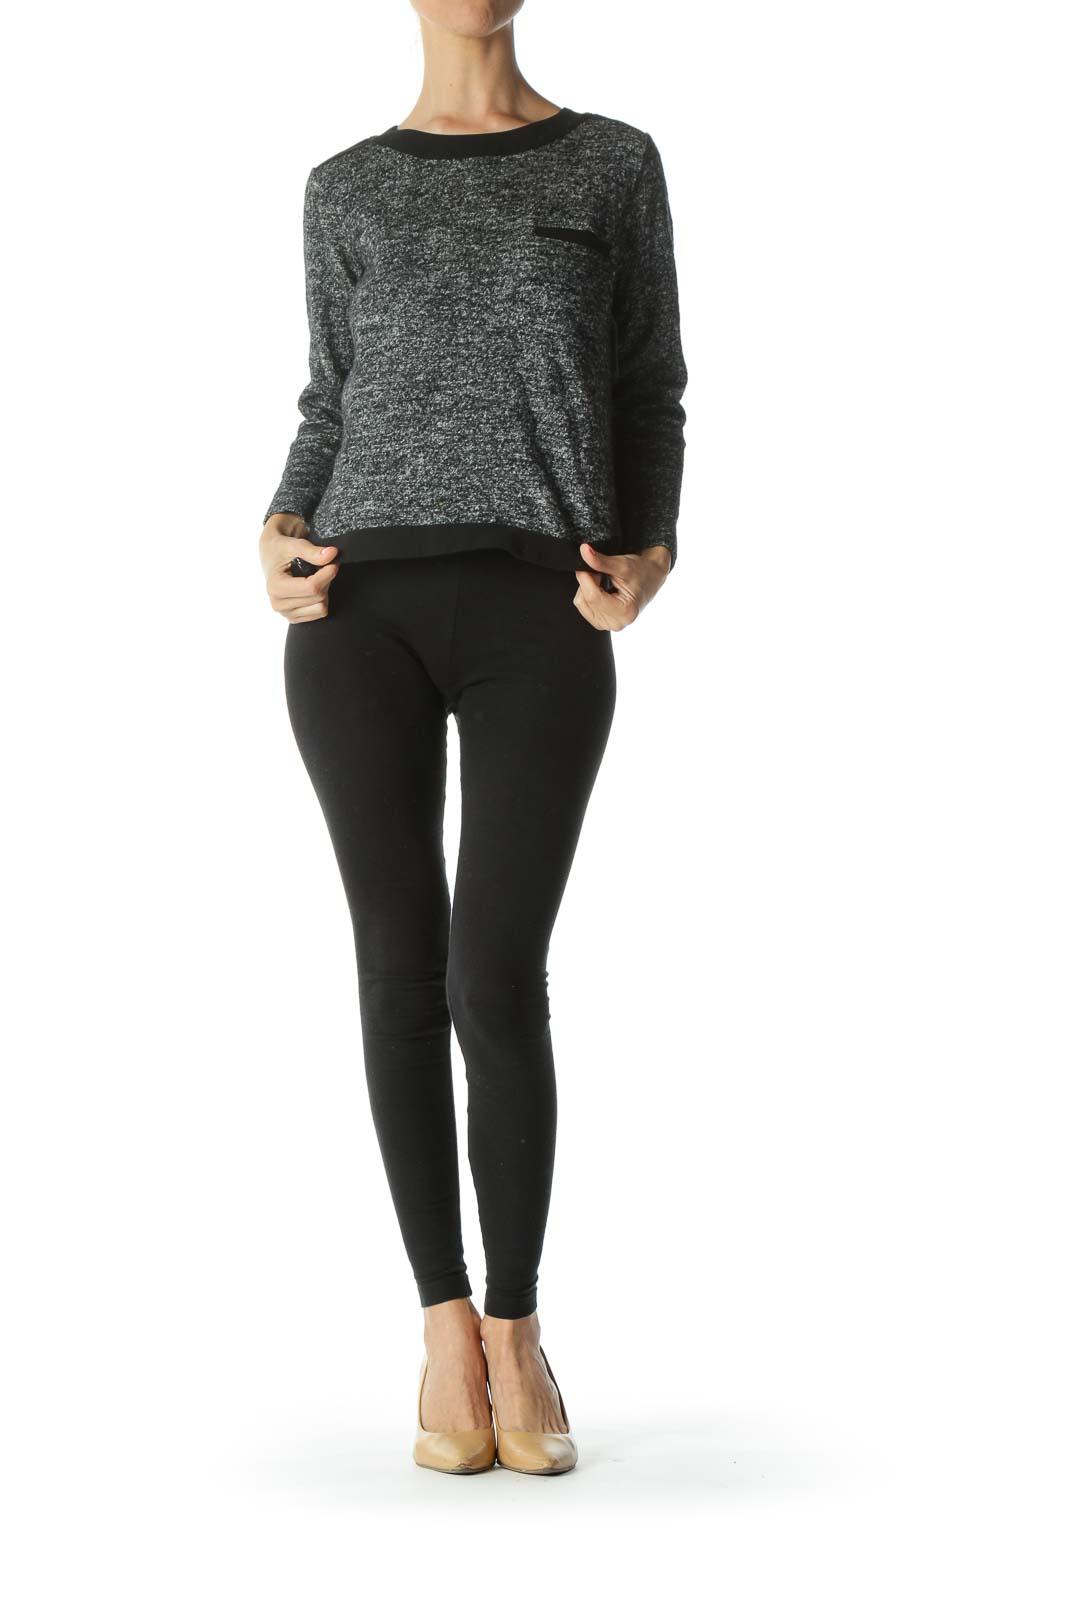 Black/White/Gray Mottled Chest-Pocket Long-Sleeve Knit Top